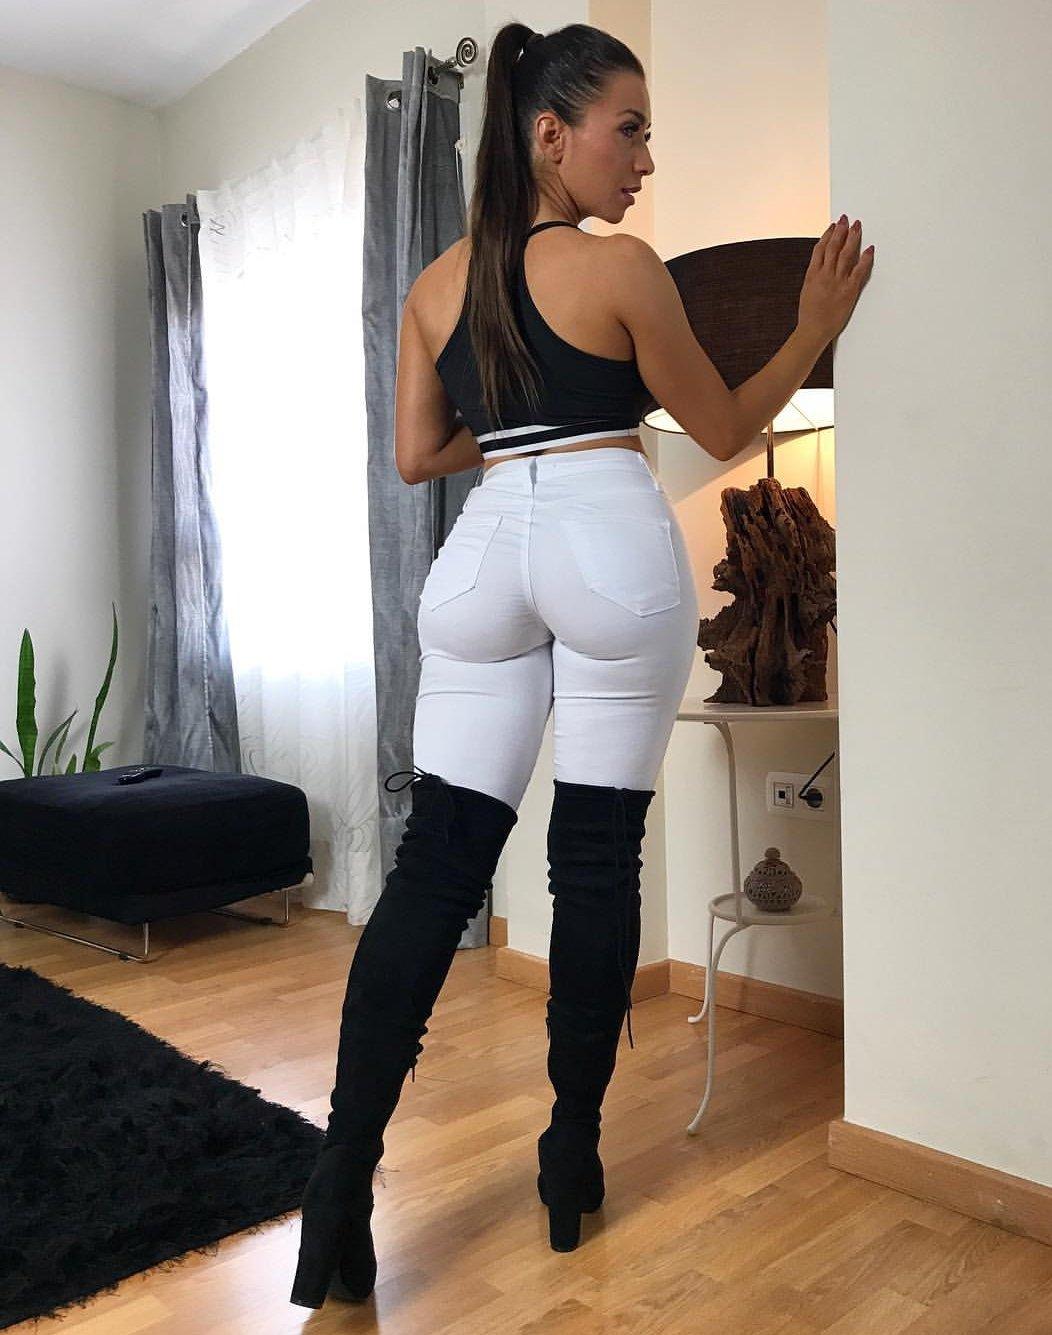 Do you like My white skintight trouser? https://t.co/z7FlUHulmK